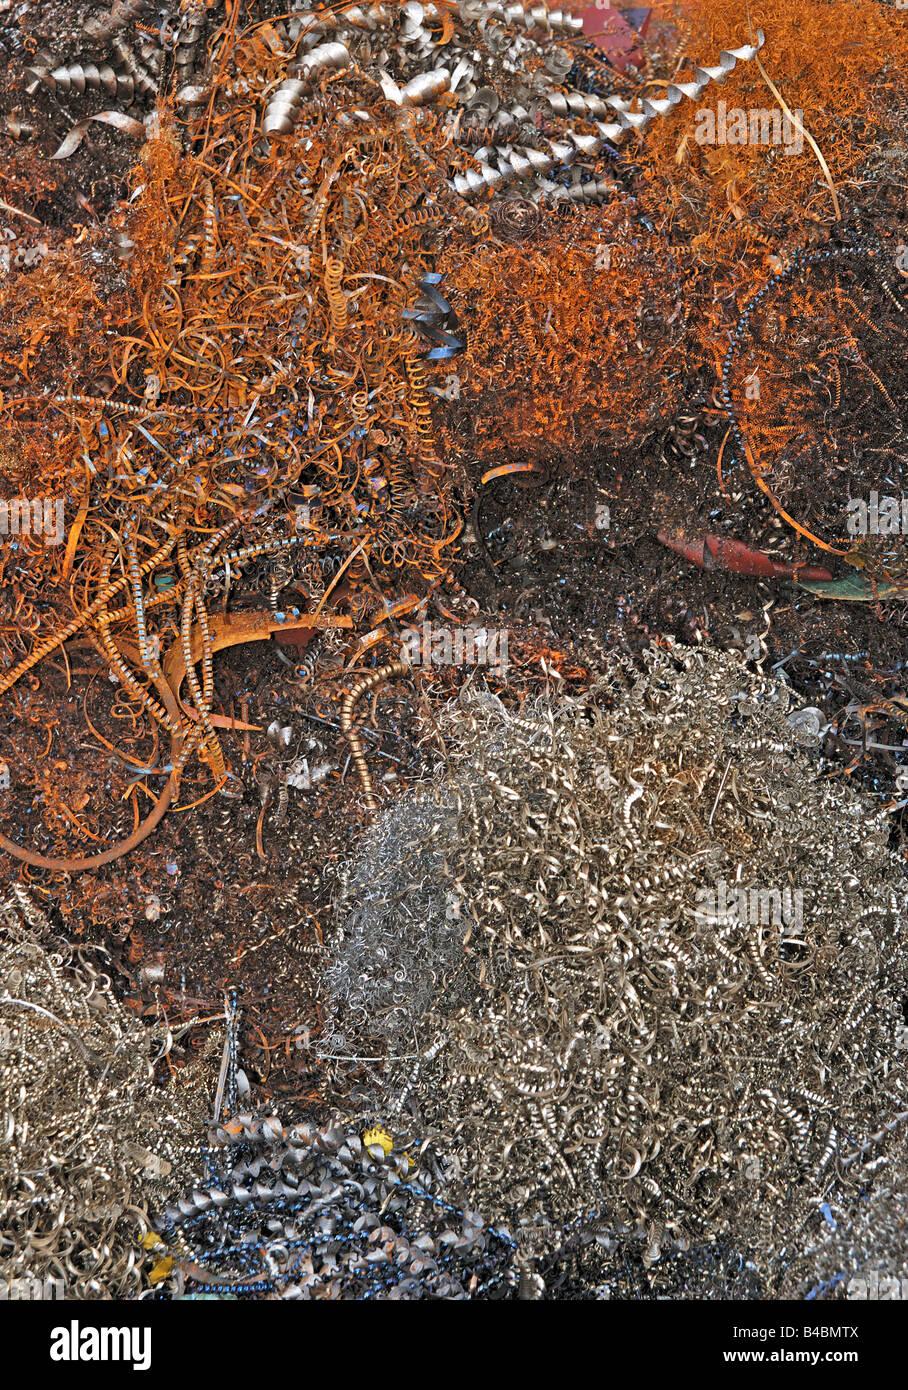 scrap metal shavings - Stock Image